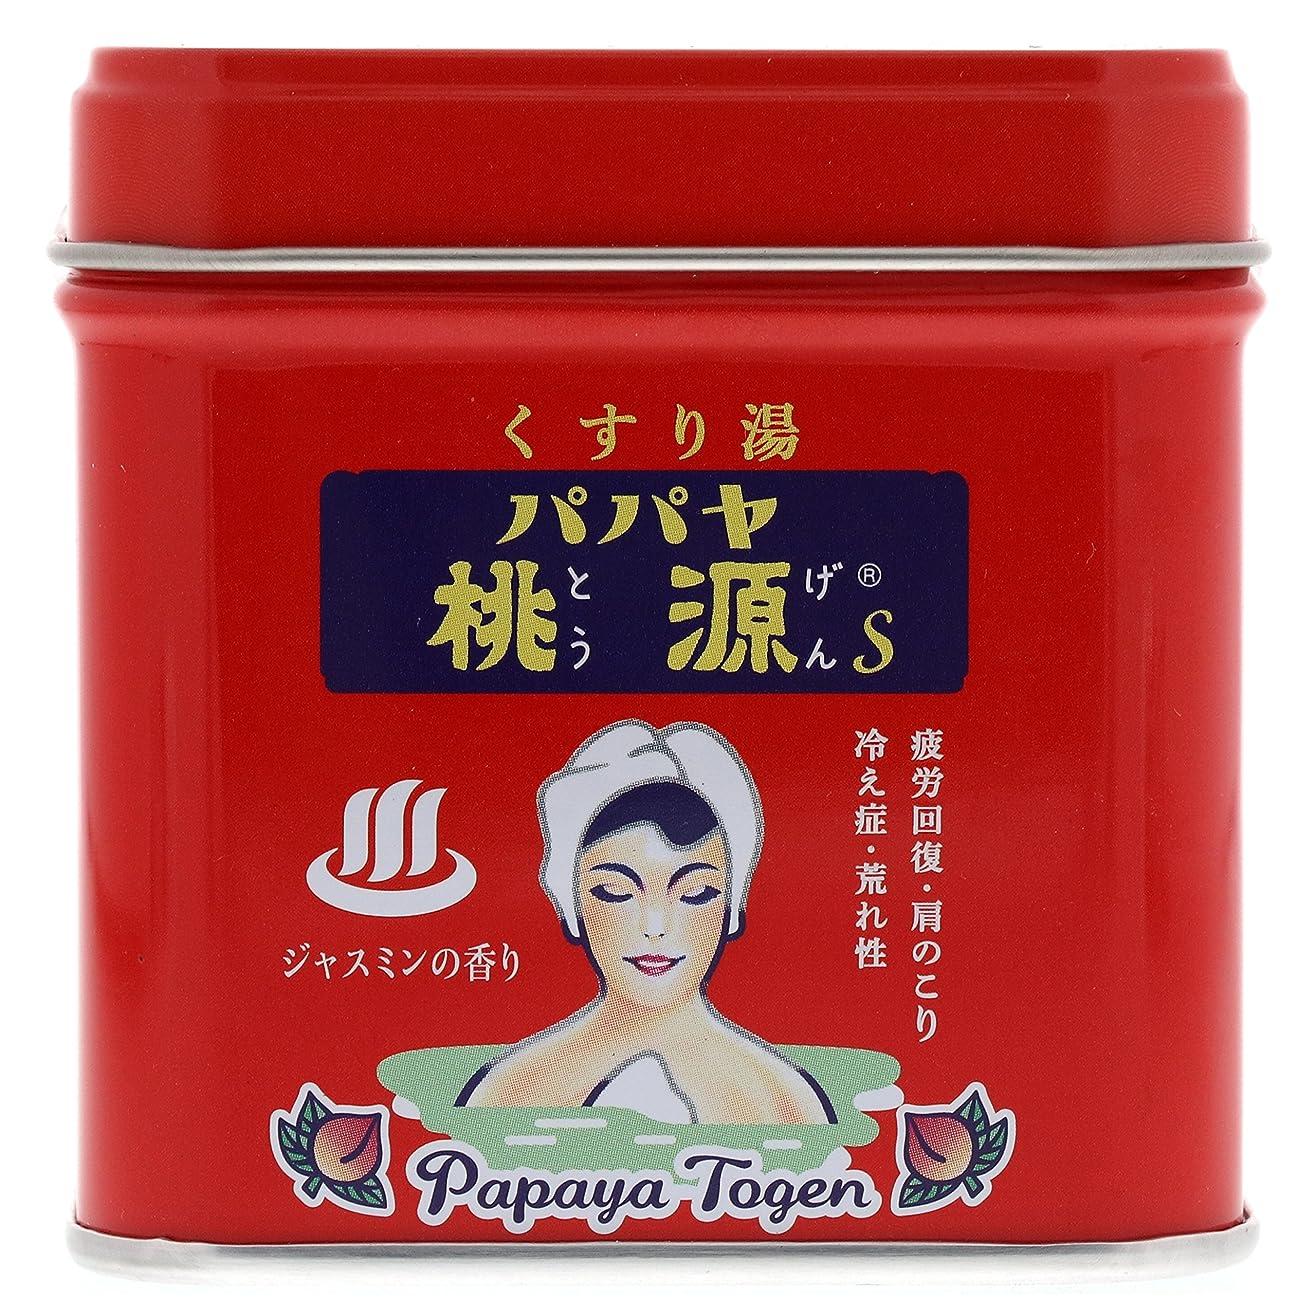 仕方貧しい洞察力のあるパパヤ桃源S70g缶 ジャスミンの香り [医薬部外品]